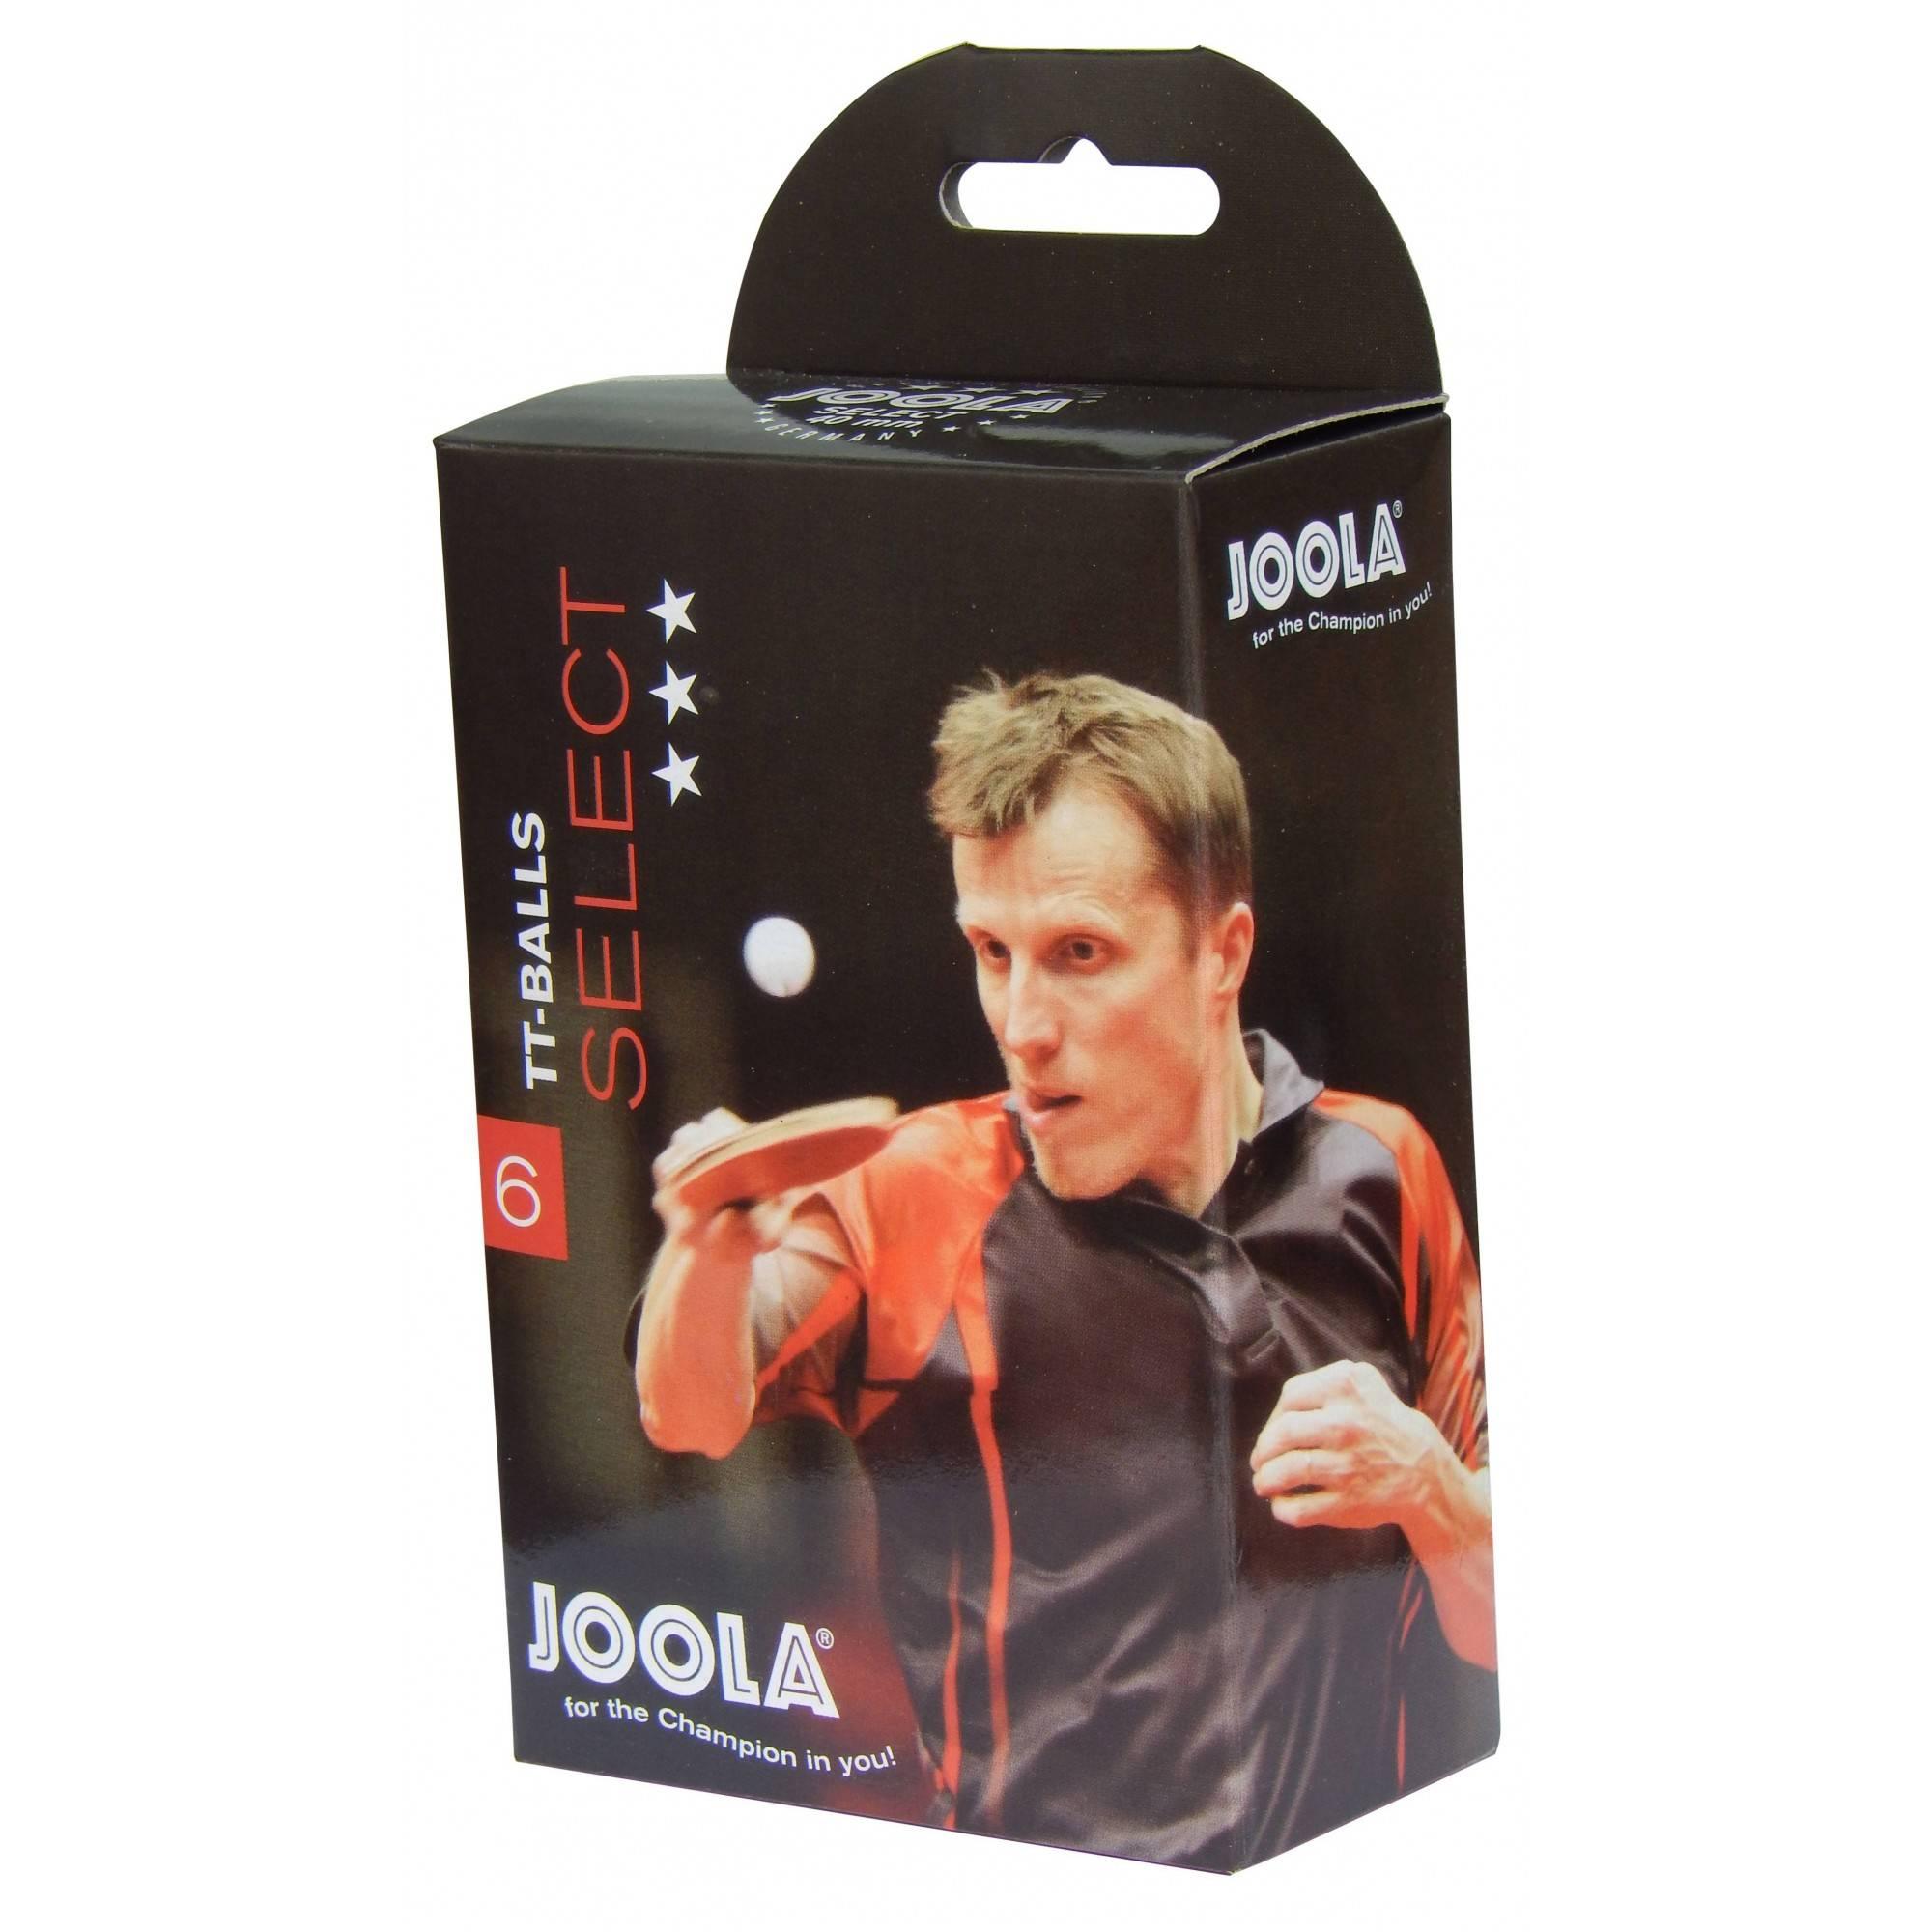 Piłeczki do tenisa stołowego Joola Select *** białe   6szt,producent: Joola, zdjecie photo: 1   online shop klubfitness.pl   spr